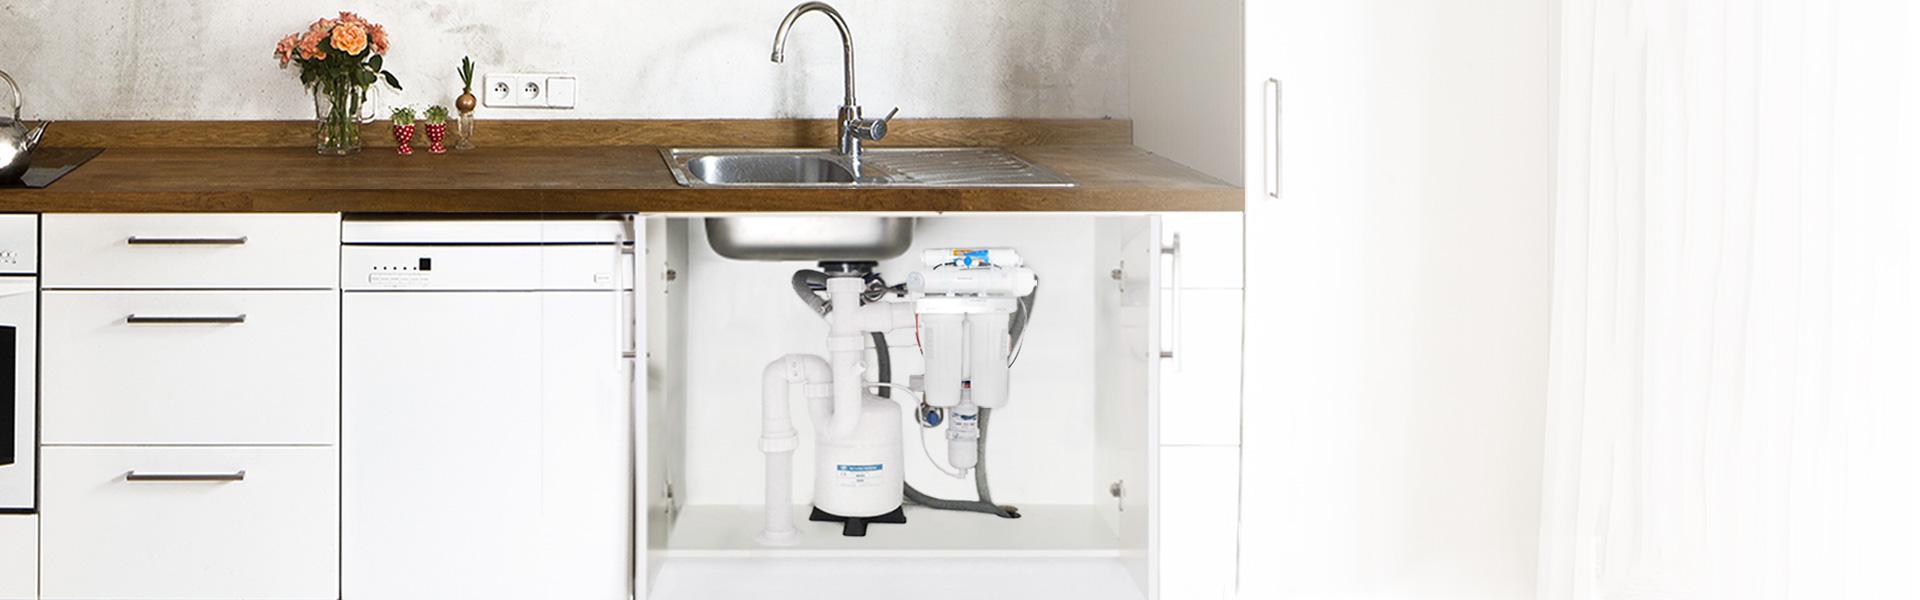 under sink reverse osmosis